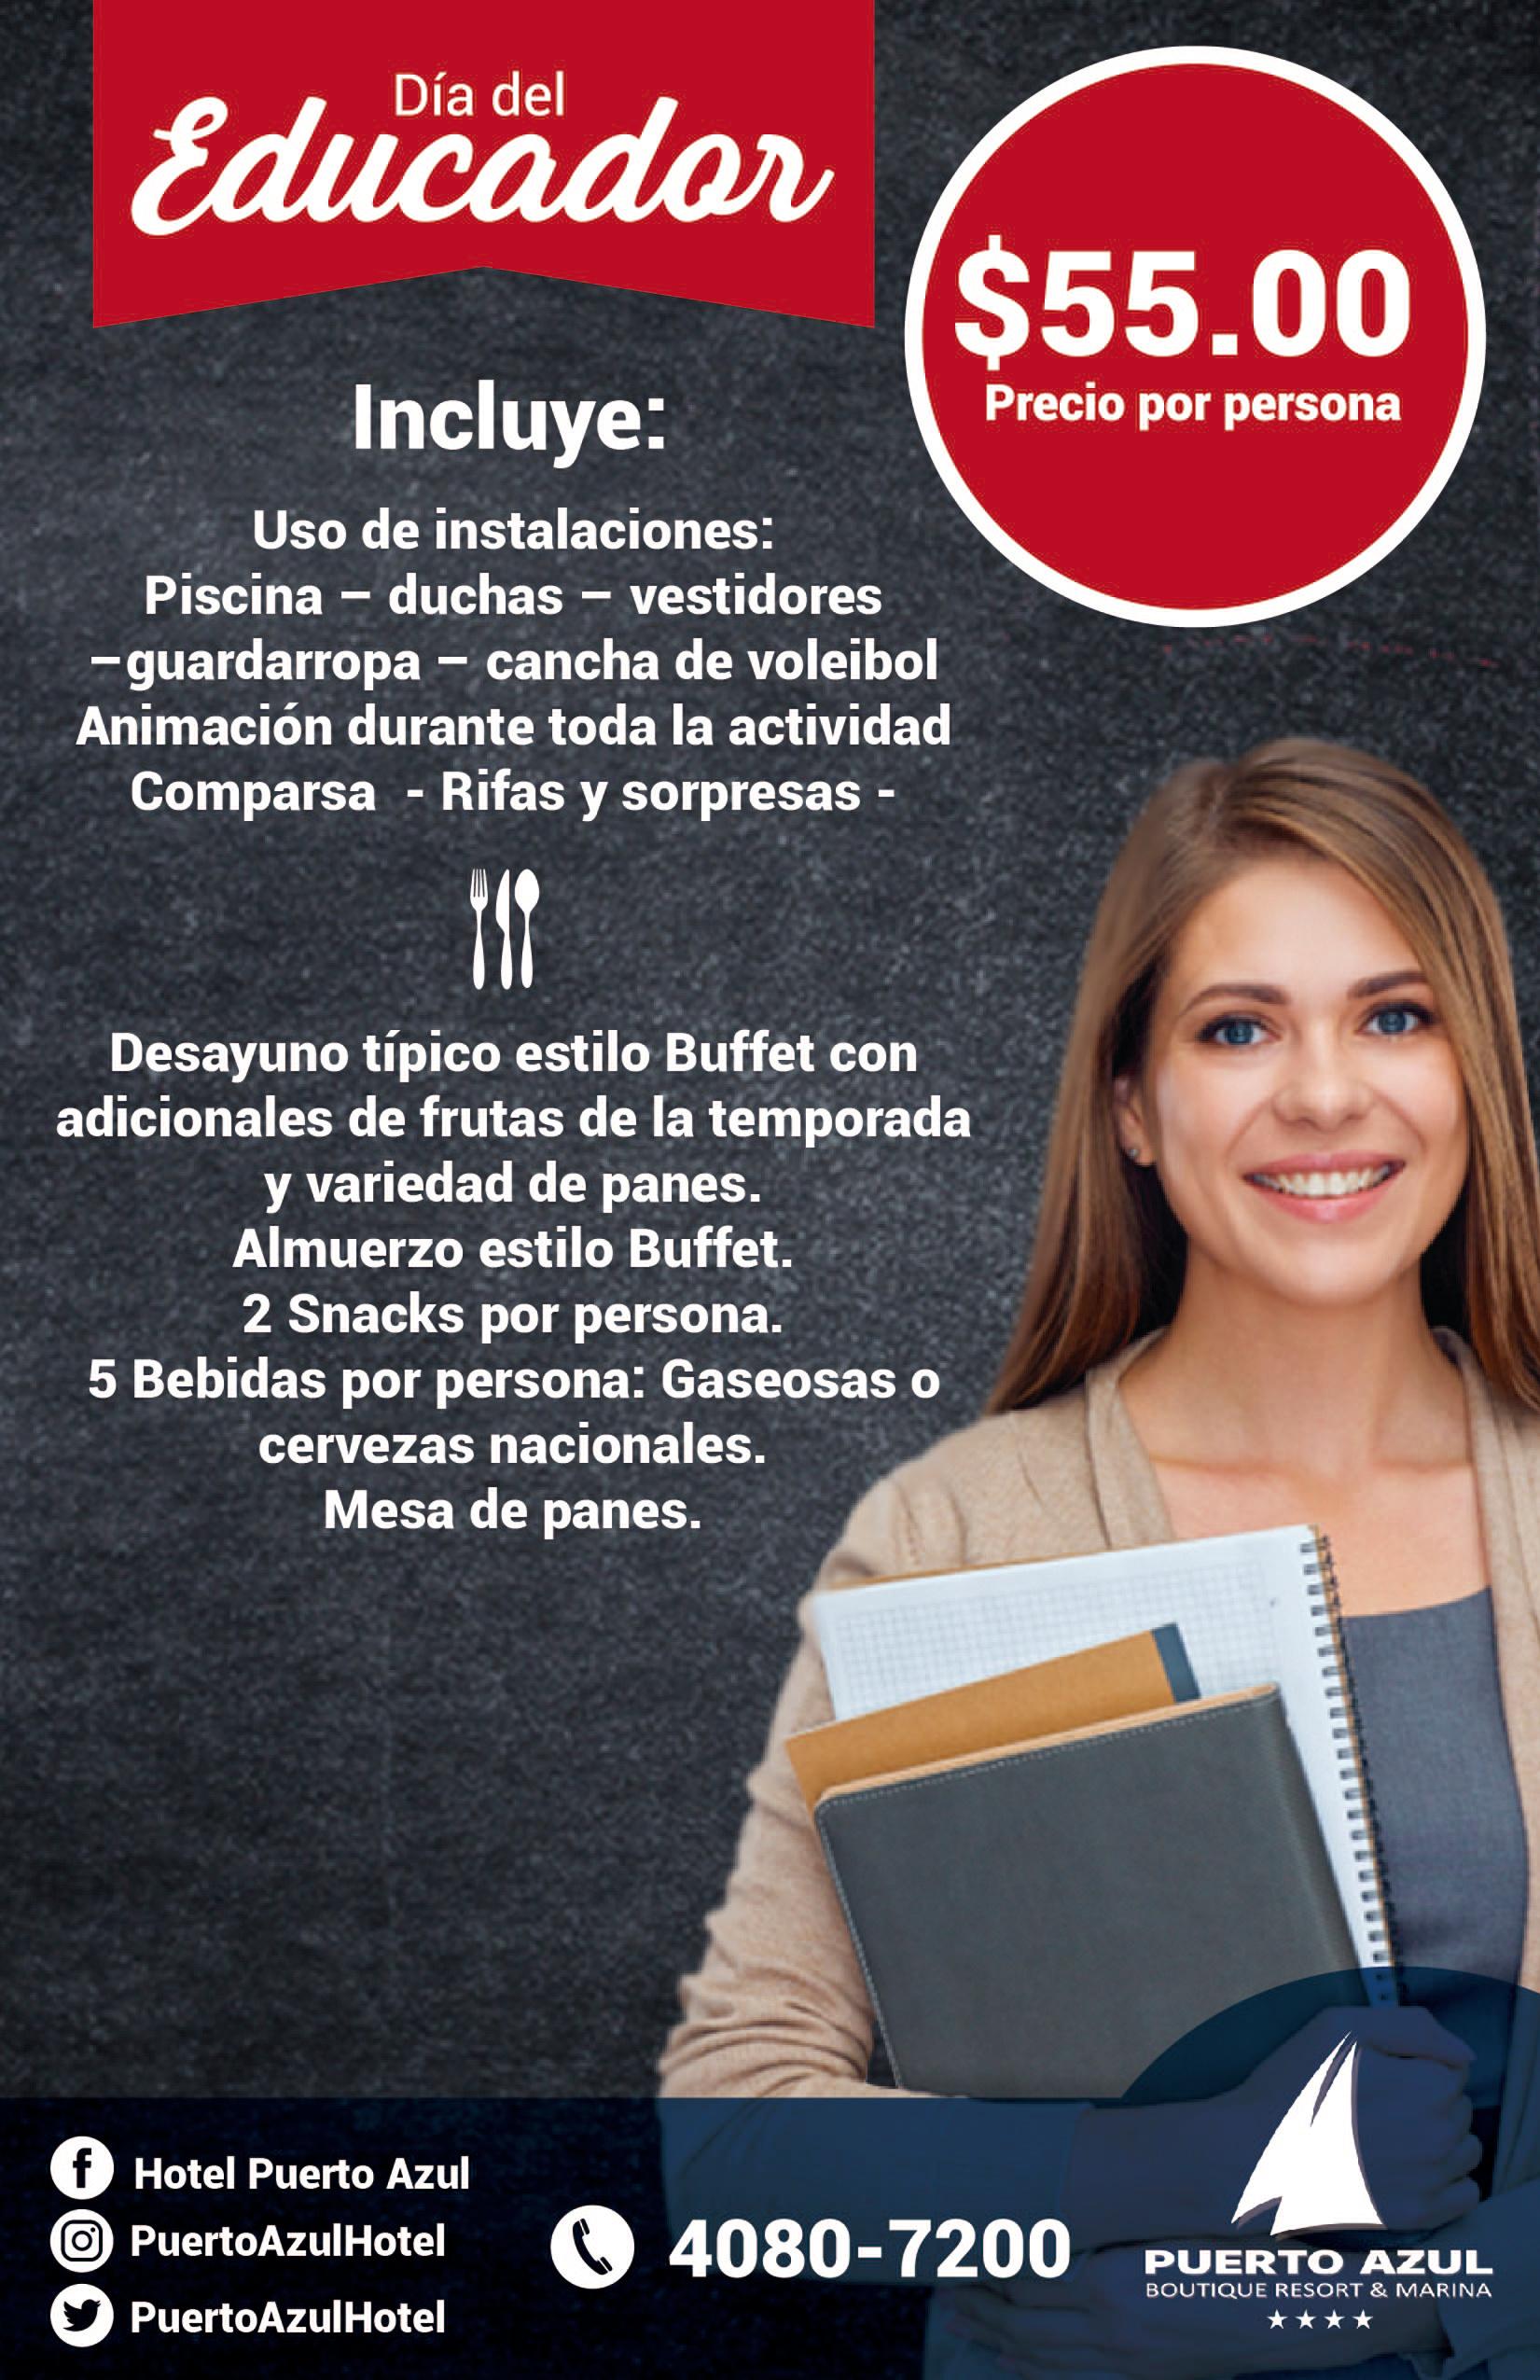 PAQUETES MEDIA CARTA JANINA_Dia del Educ